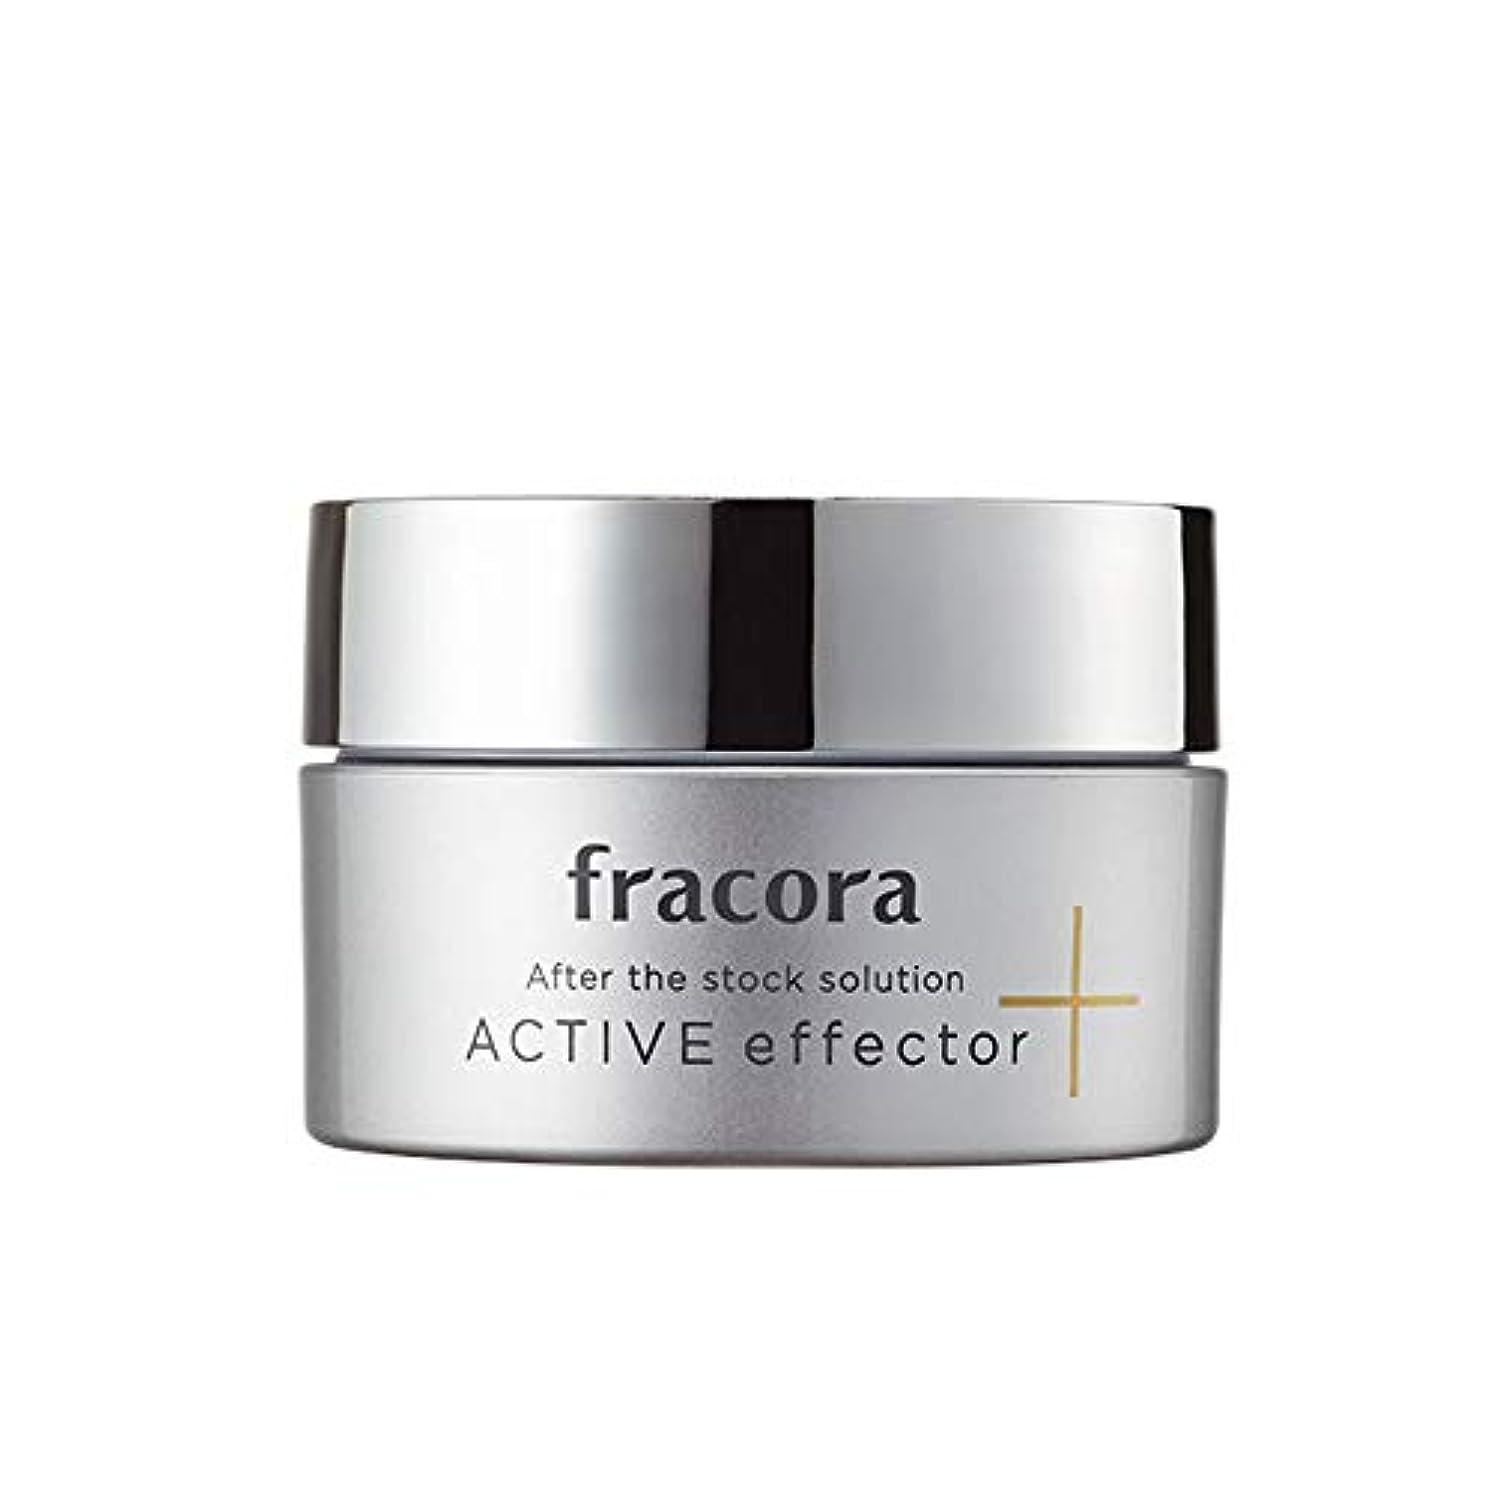 進む感覚相互接続fracora(フラコラ) クリーム アクティブ エフェクター 50g